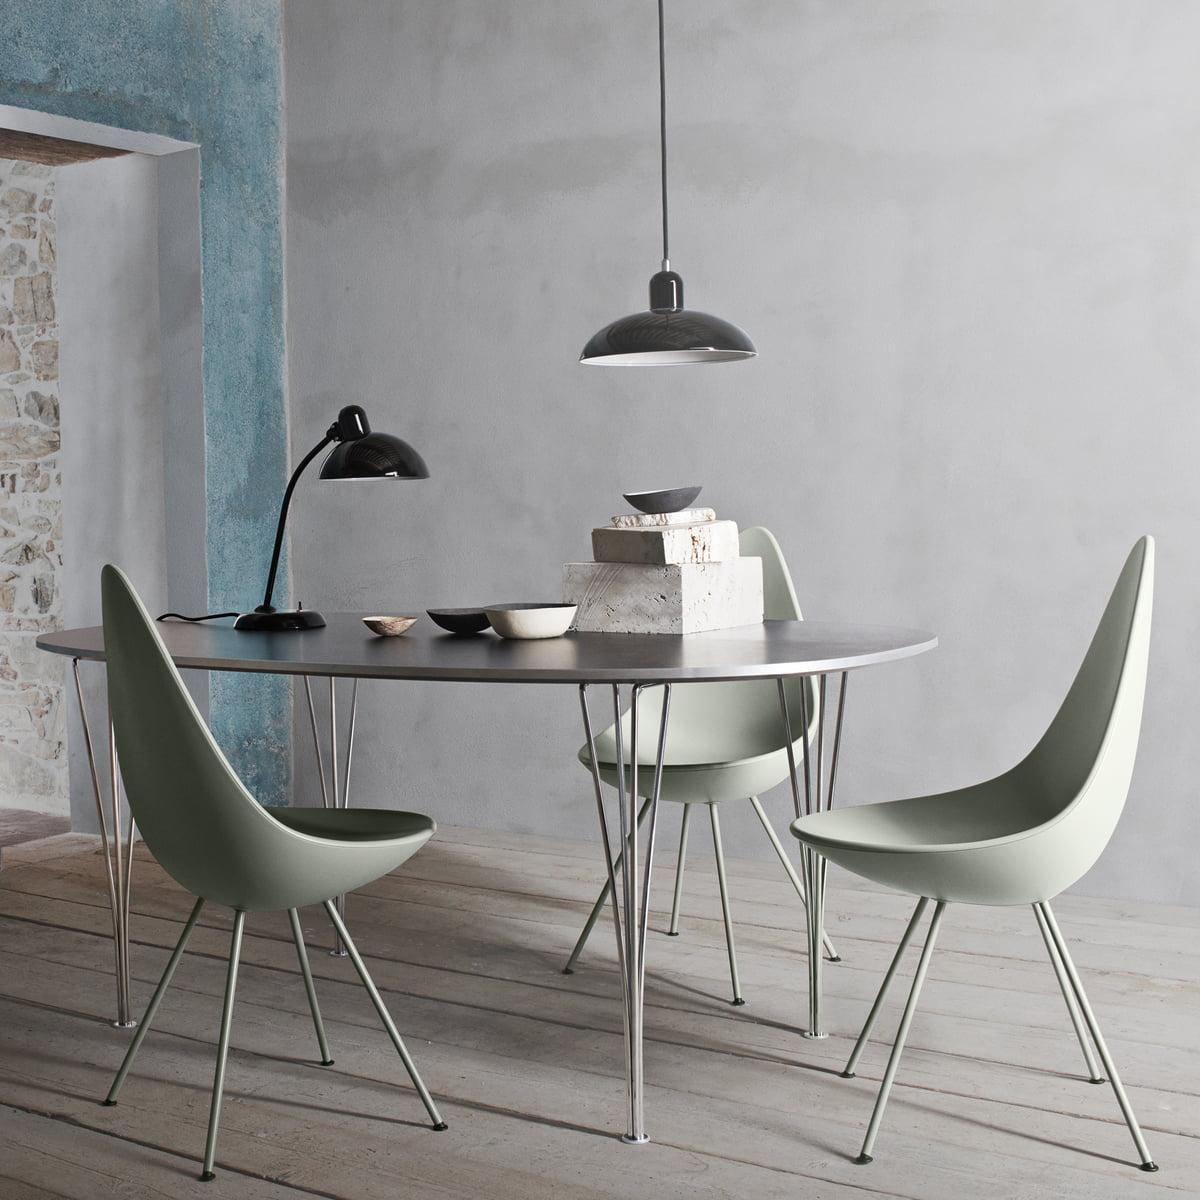 drop stuhl von fritz hansen im design shop. Black Bedroom Furniture Sets. Home Design Ideas